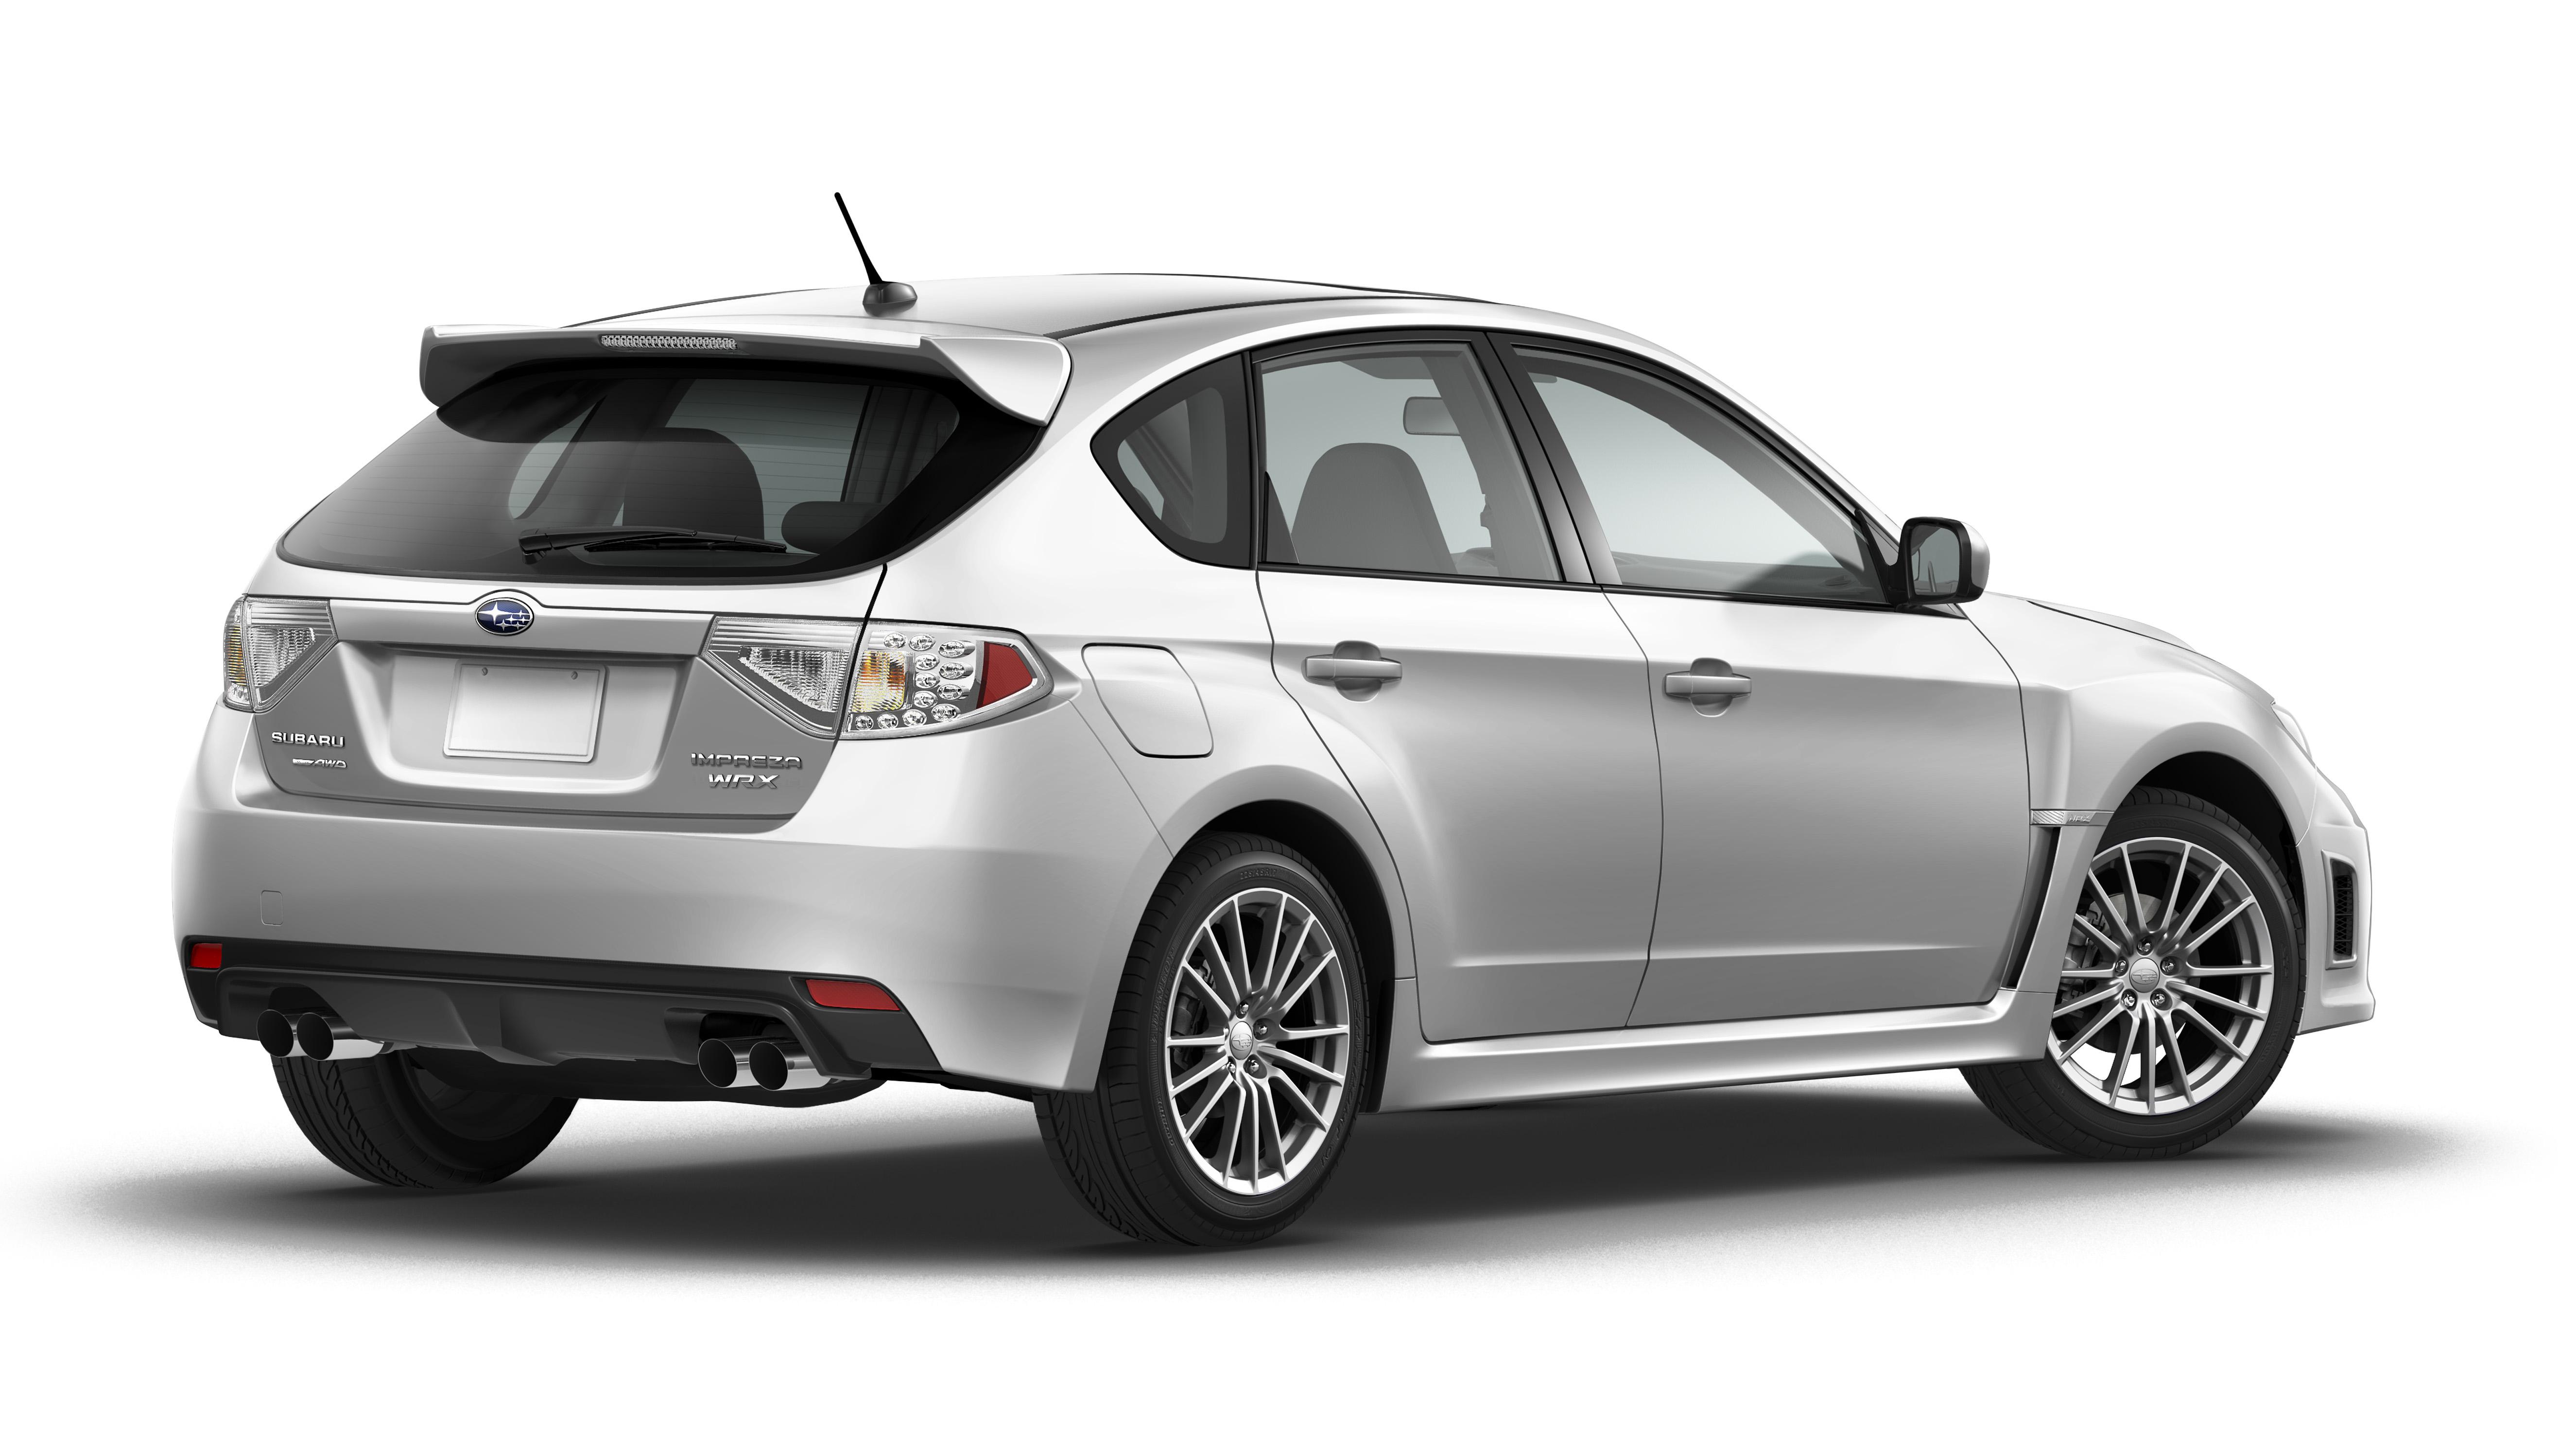 Subaru Impreza Wrx 2011 Feito Para Ser Preparado Korn Cars